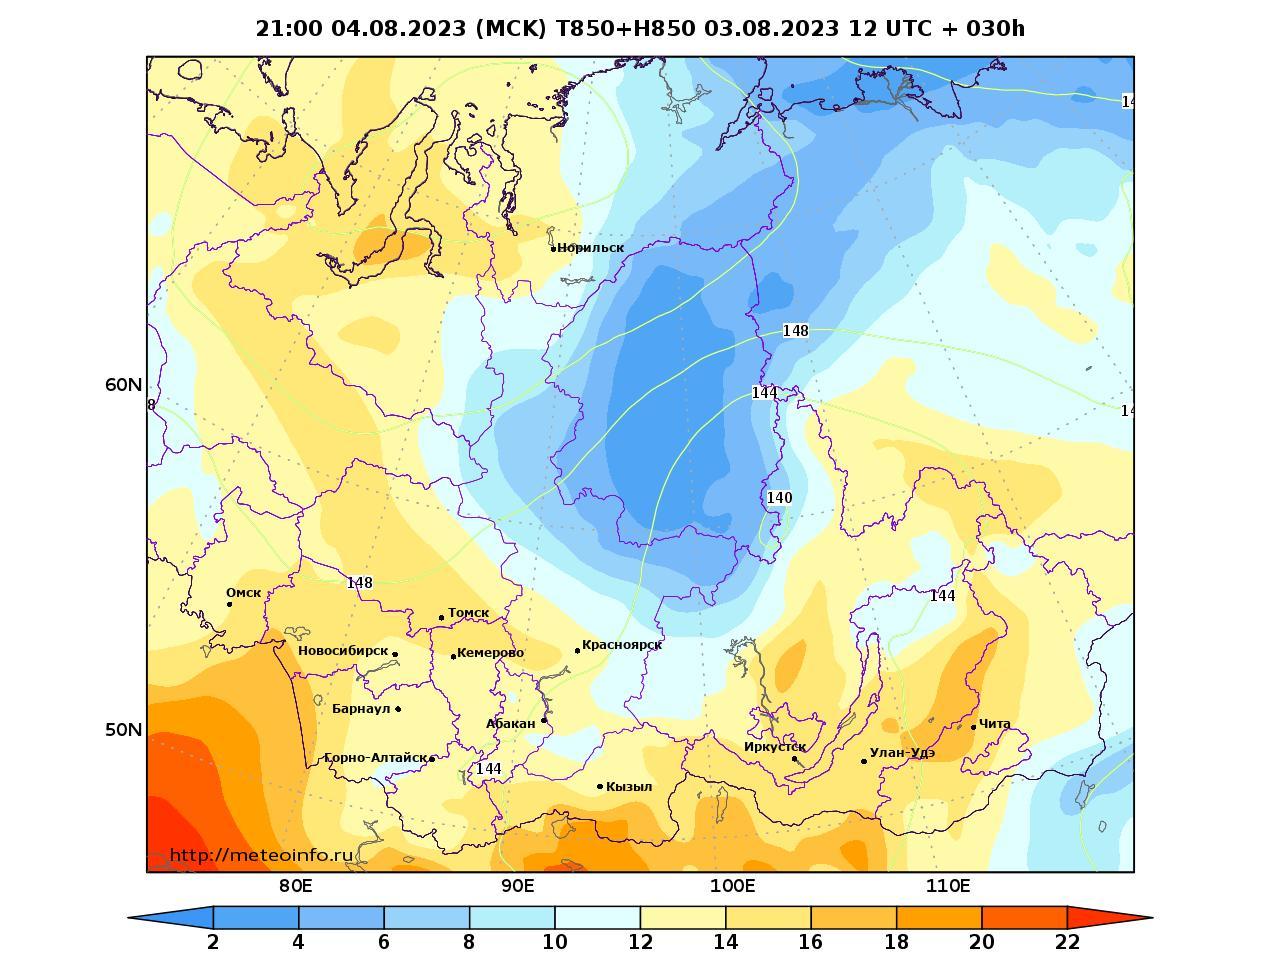 Сибирский Федеральный округ, прогностическая карта температура T850 и геопотенциал H850, заблаговременность прогноза 30 часов